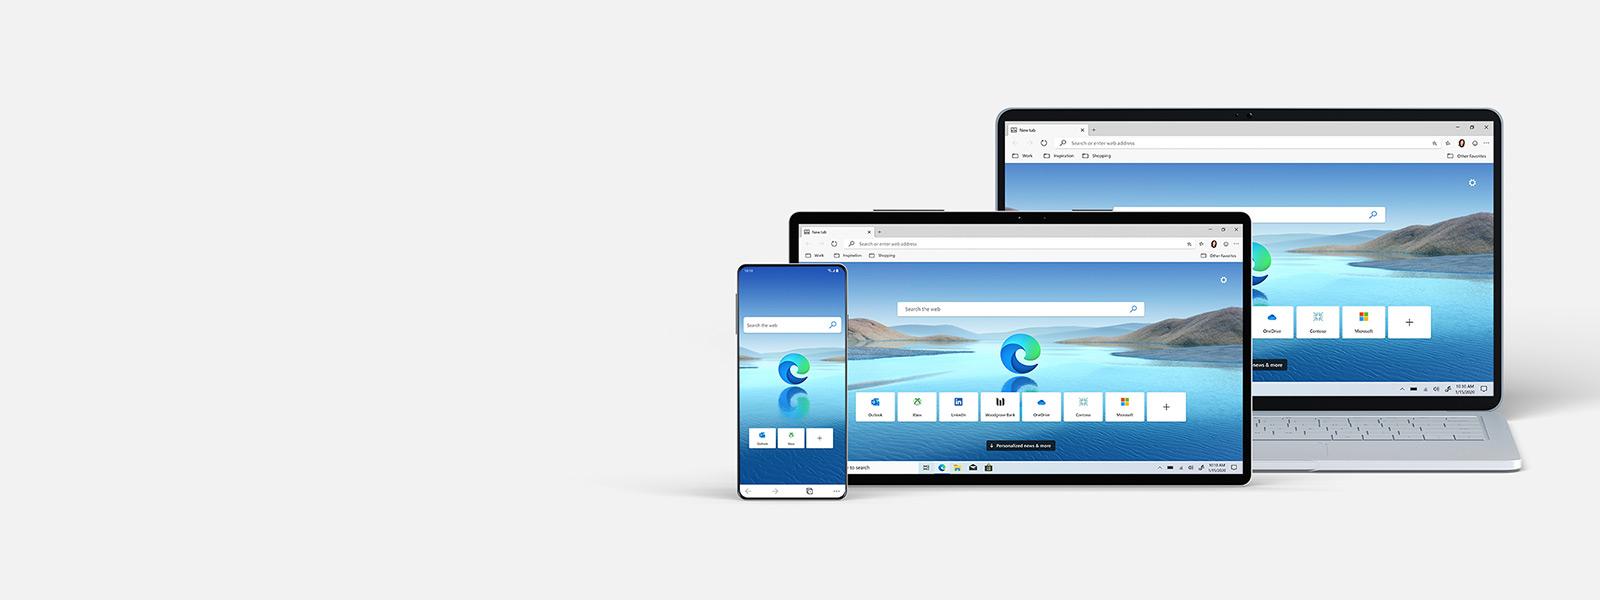 Uma coleção de dispositivos com ecrãs do browser Microsoft Edge